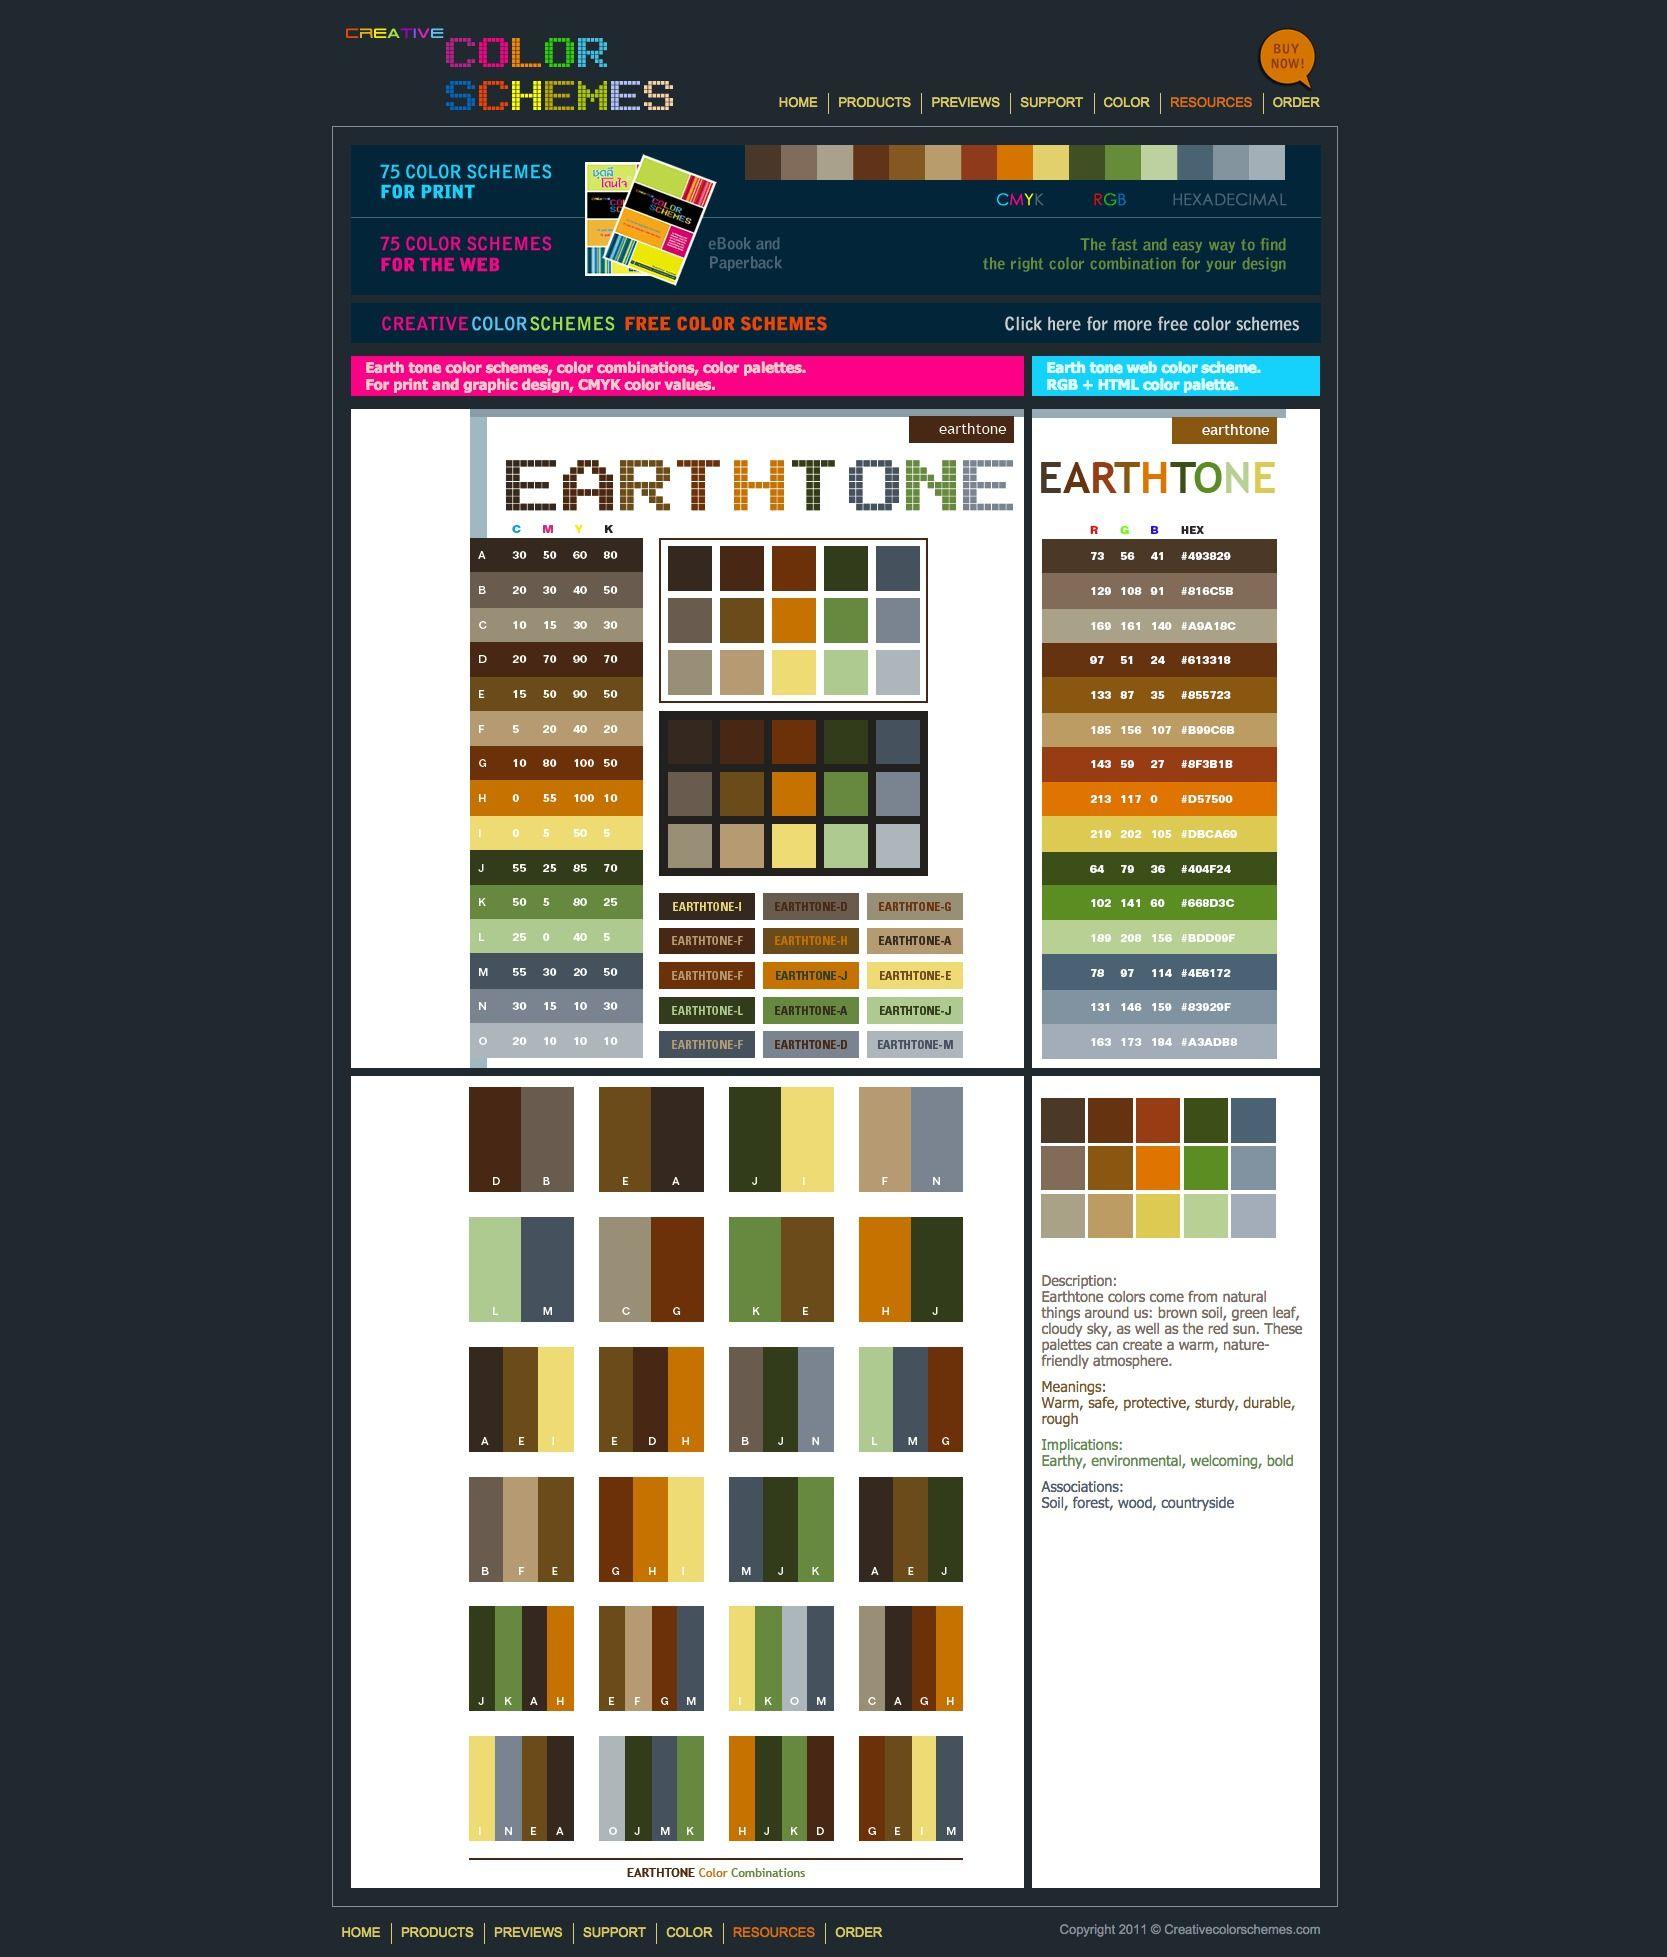 Creative Color Schemes http://www.creativecolorschemes/resources/free-color-schemes